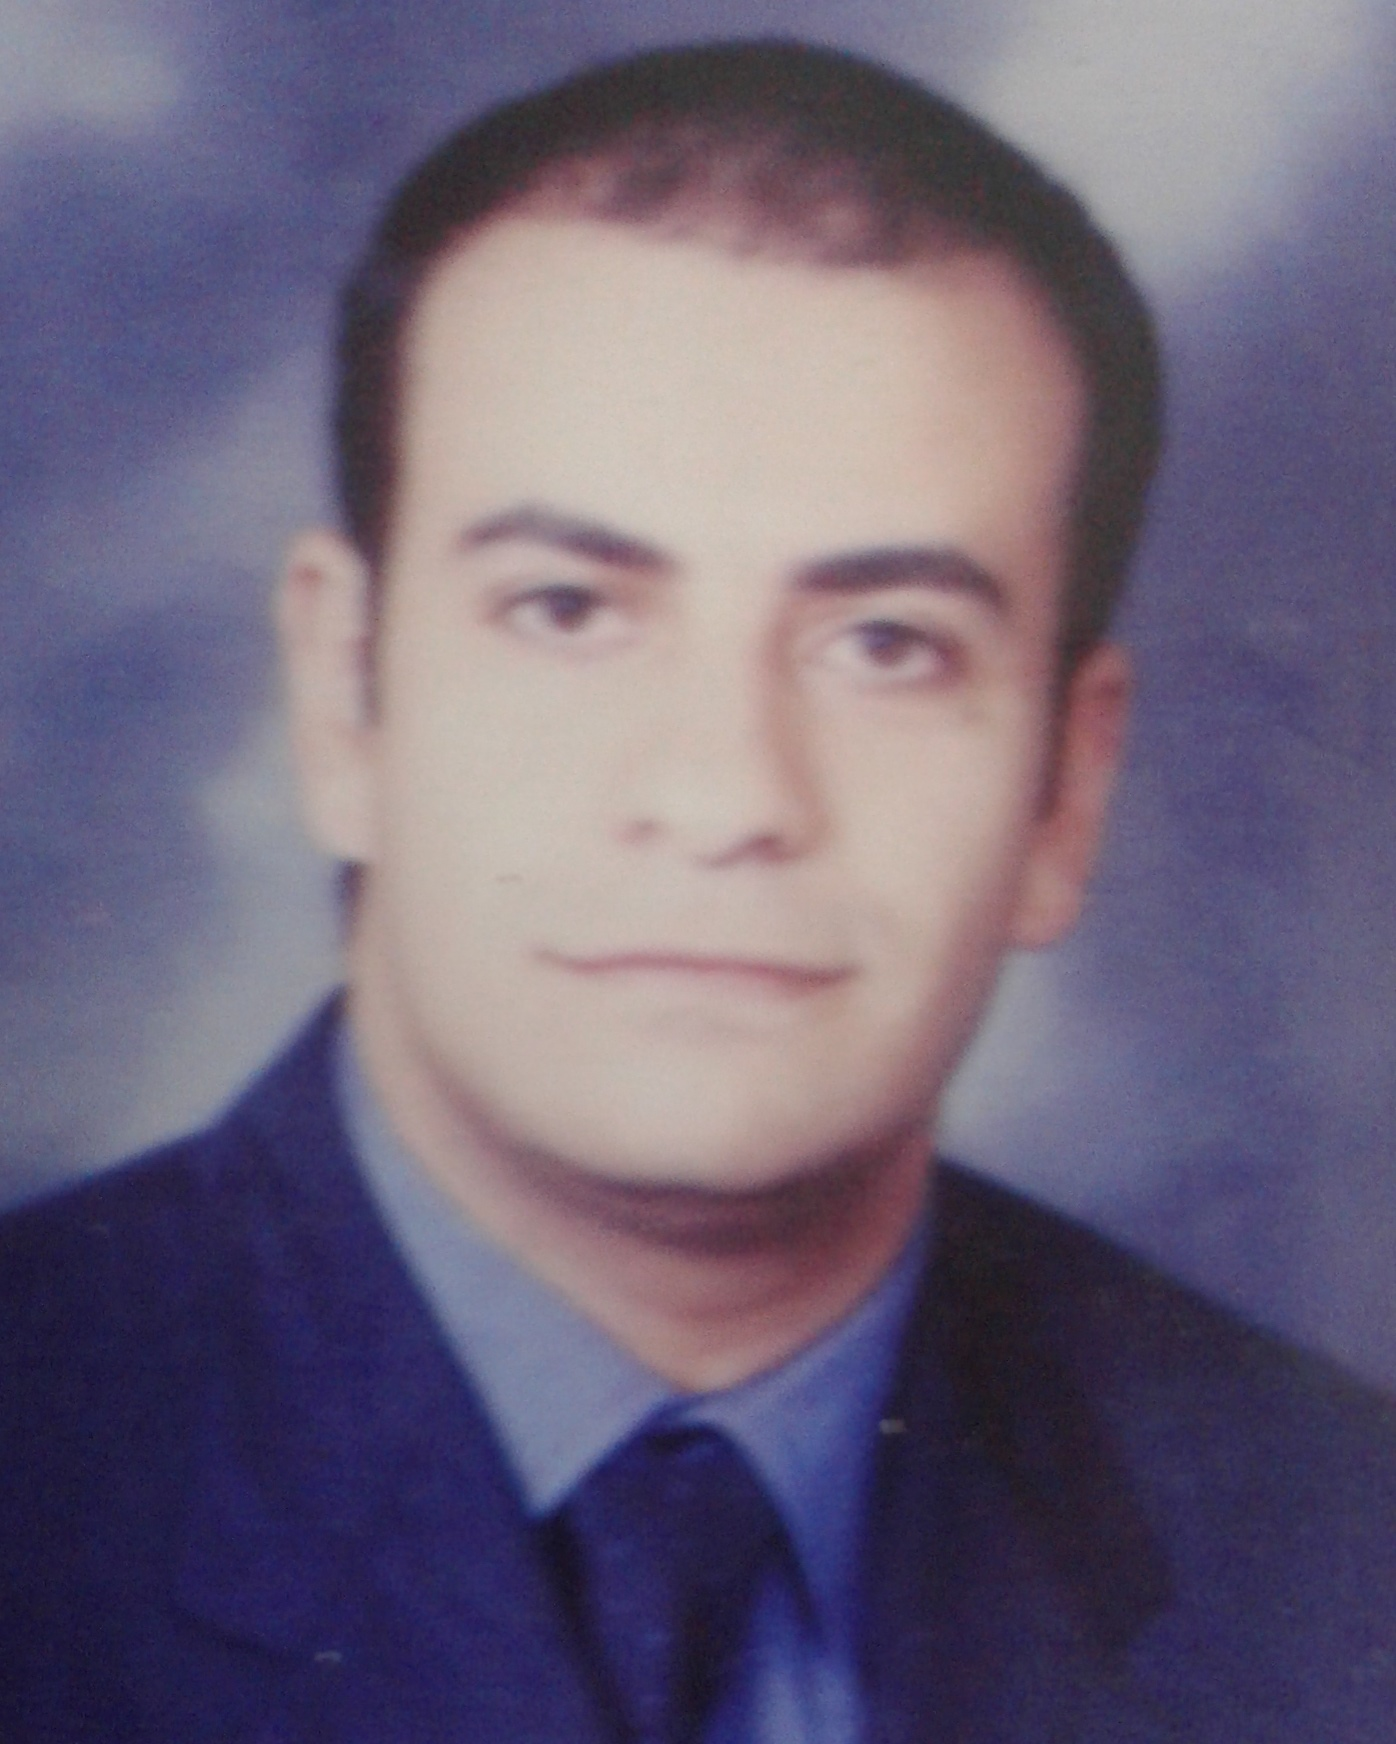 Ahmed Abd-elaziz A. Elsharkuwy